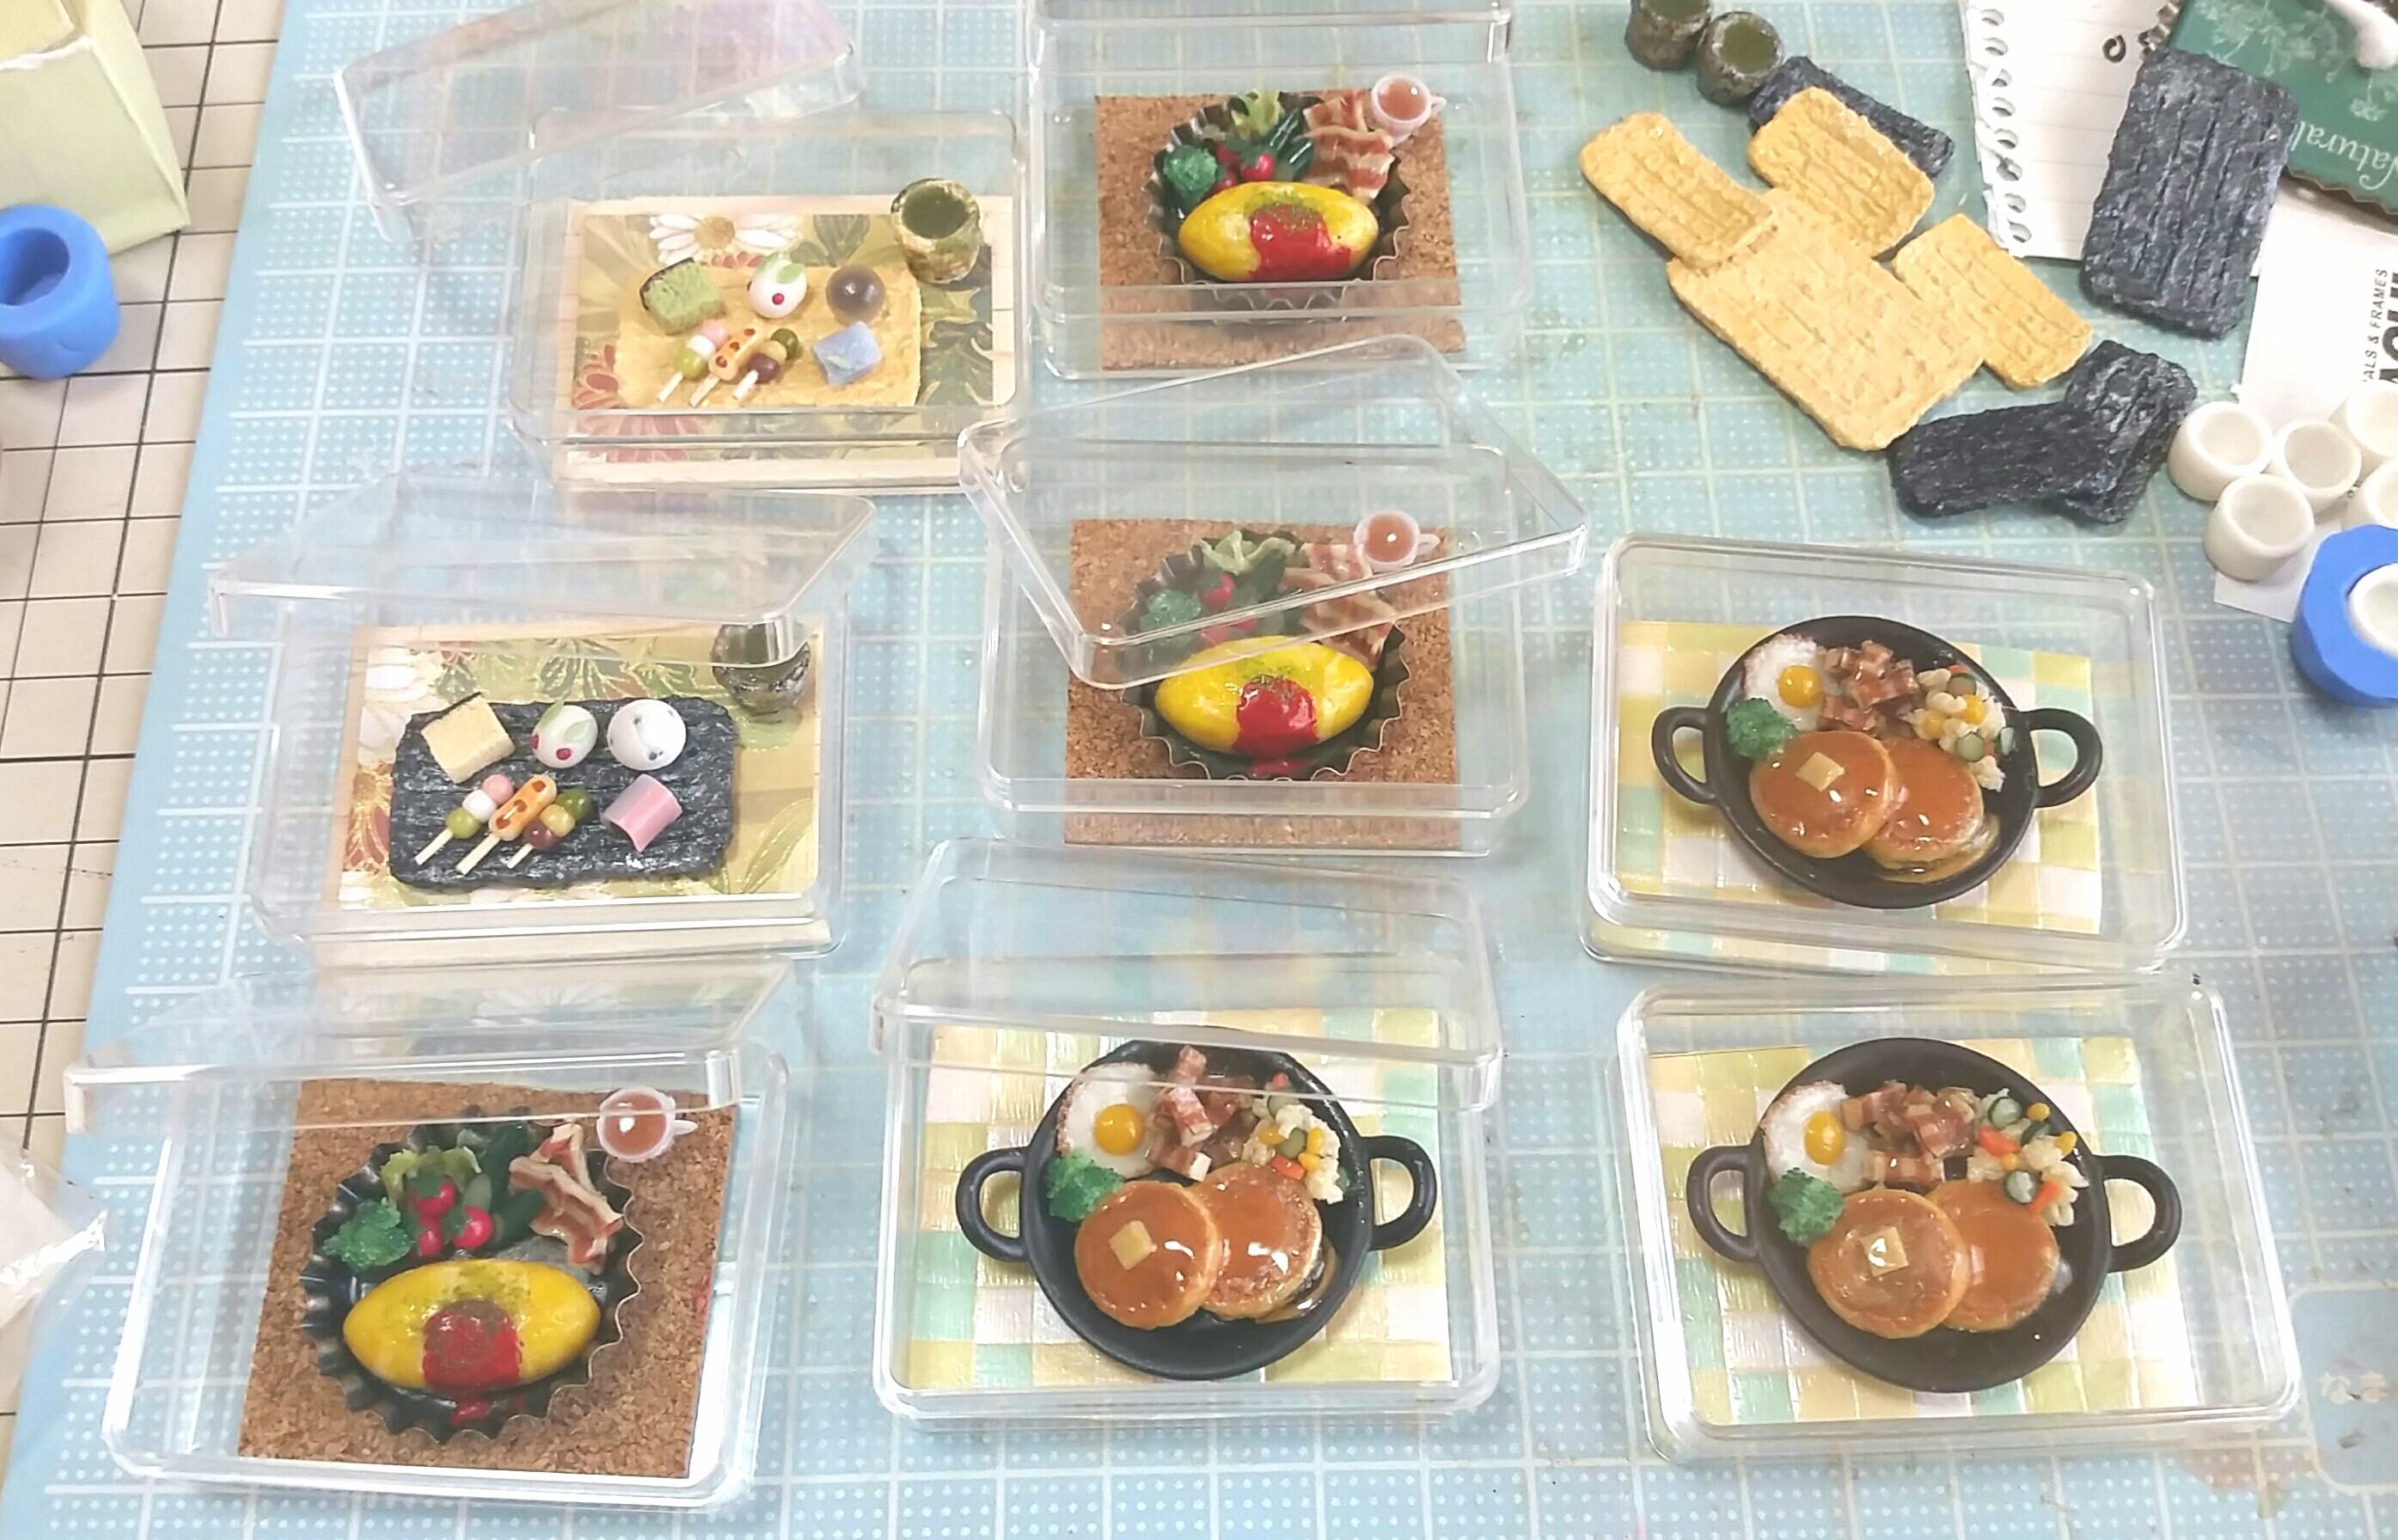 ミニチュアフード製作,手作りオムライス,自作パンケーキ,樹脂粘土